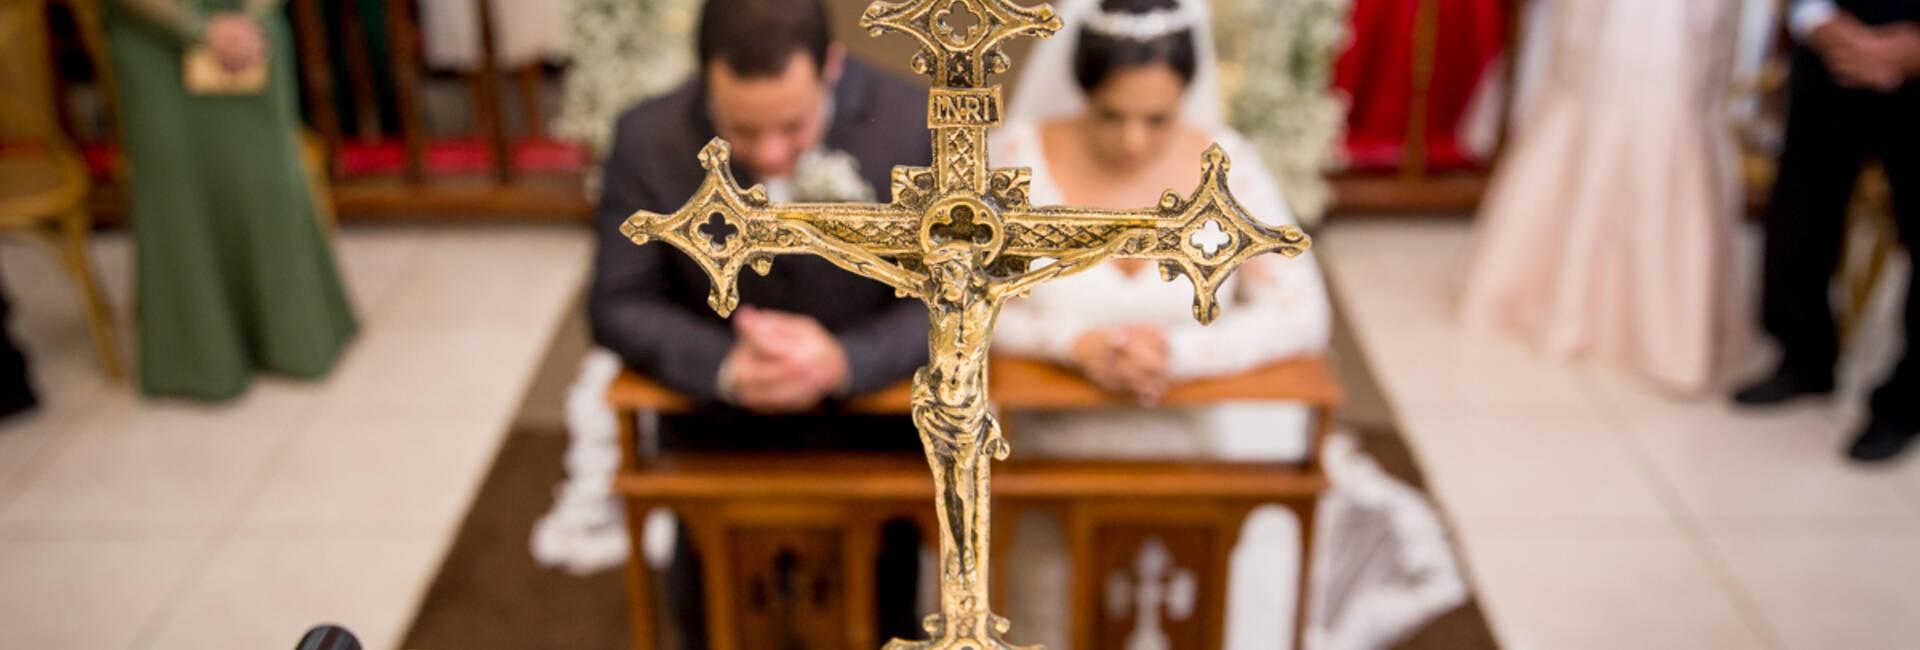 Casamento de Renata & Joao Italo